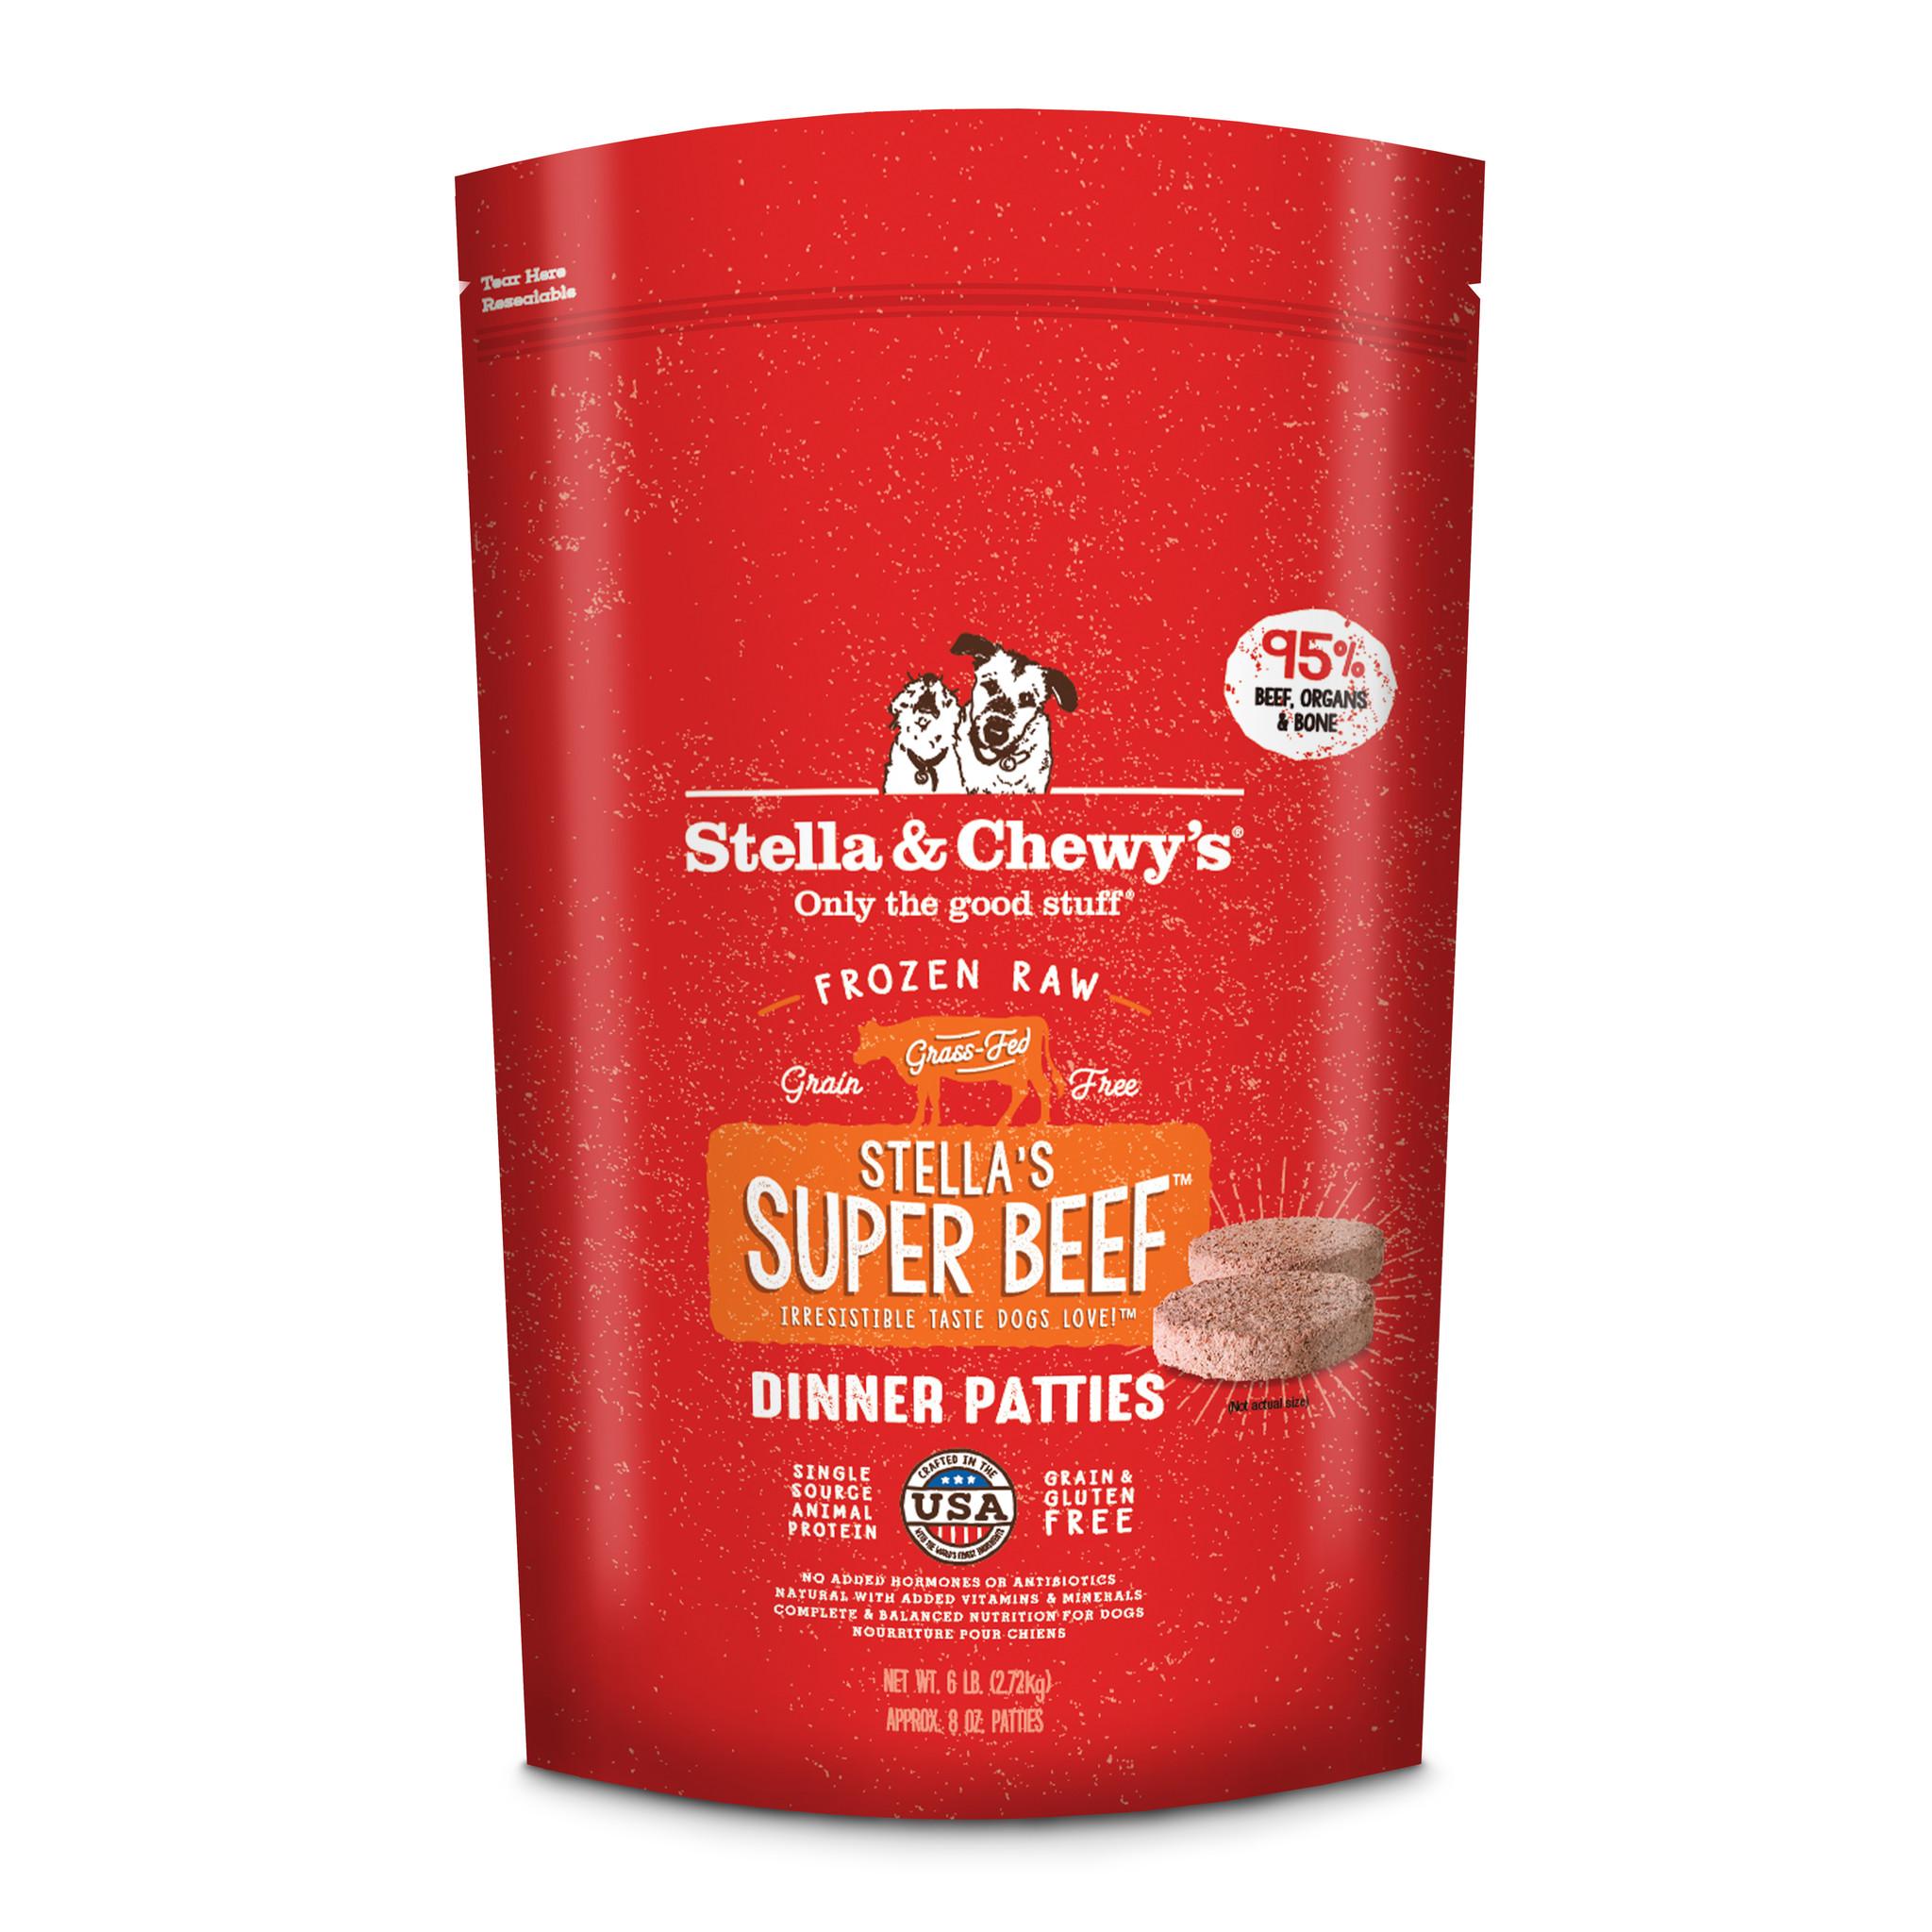 Stella & Chewys Stella & Chewys Super Beef Frozen Raw Dinner Patties